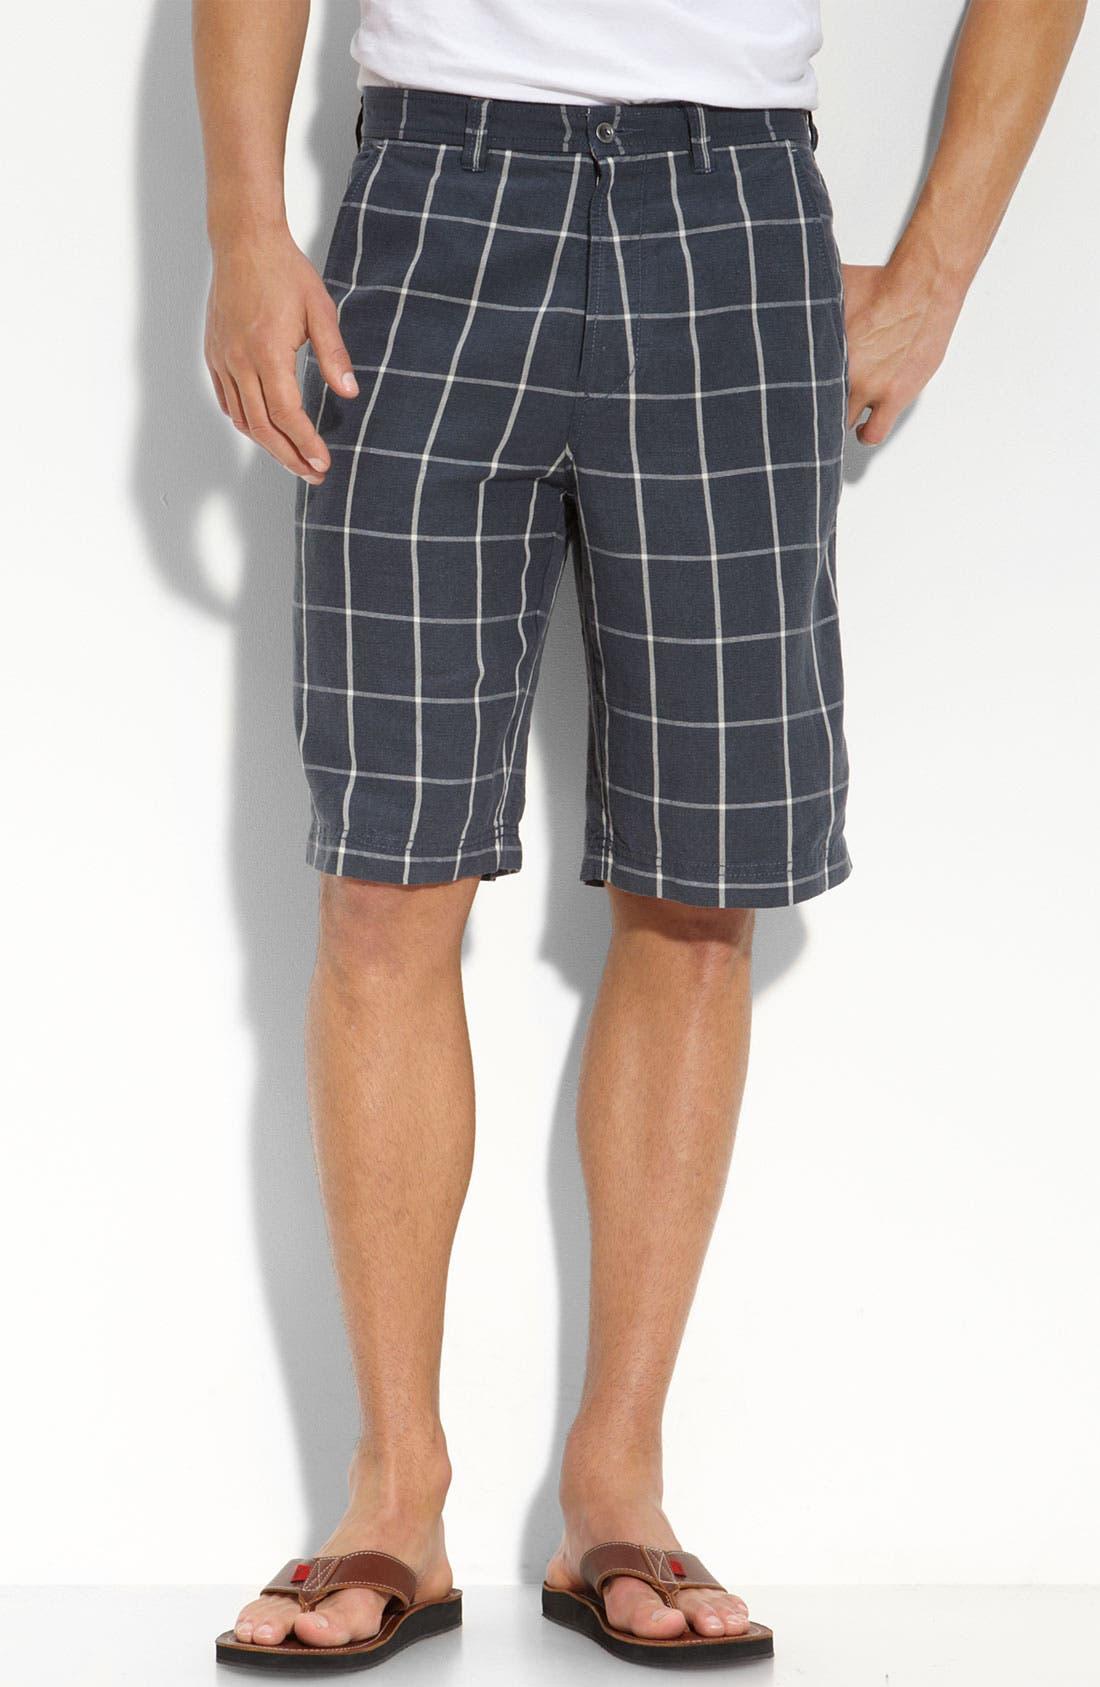 Alternate Image 1 Selected - Tommy Bahama 'Windsurf Windowpane' Shorts